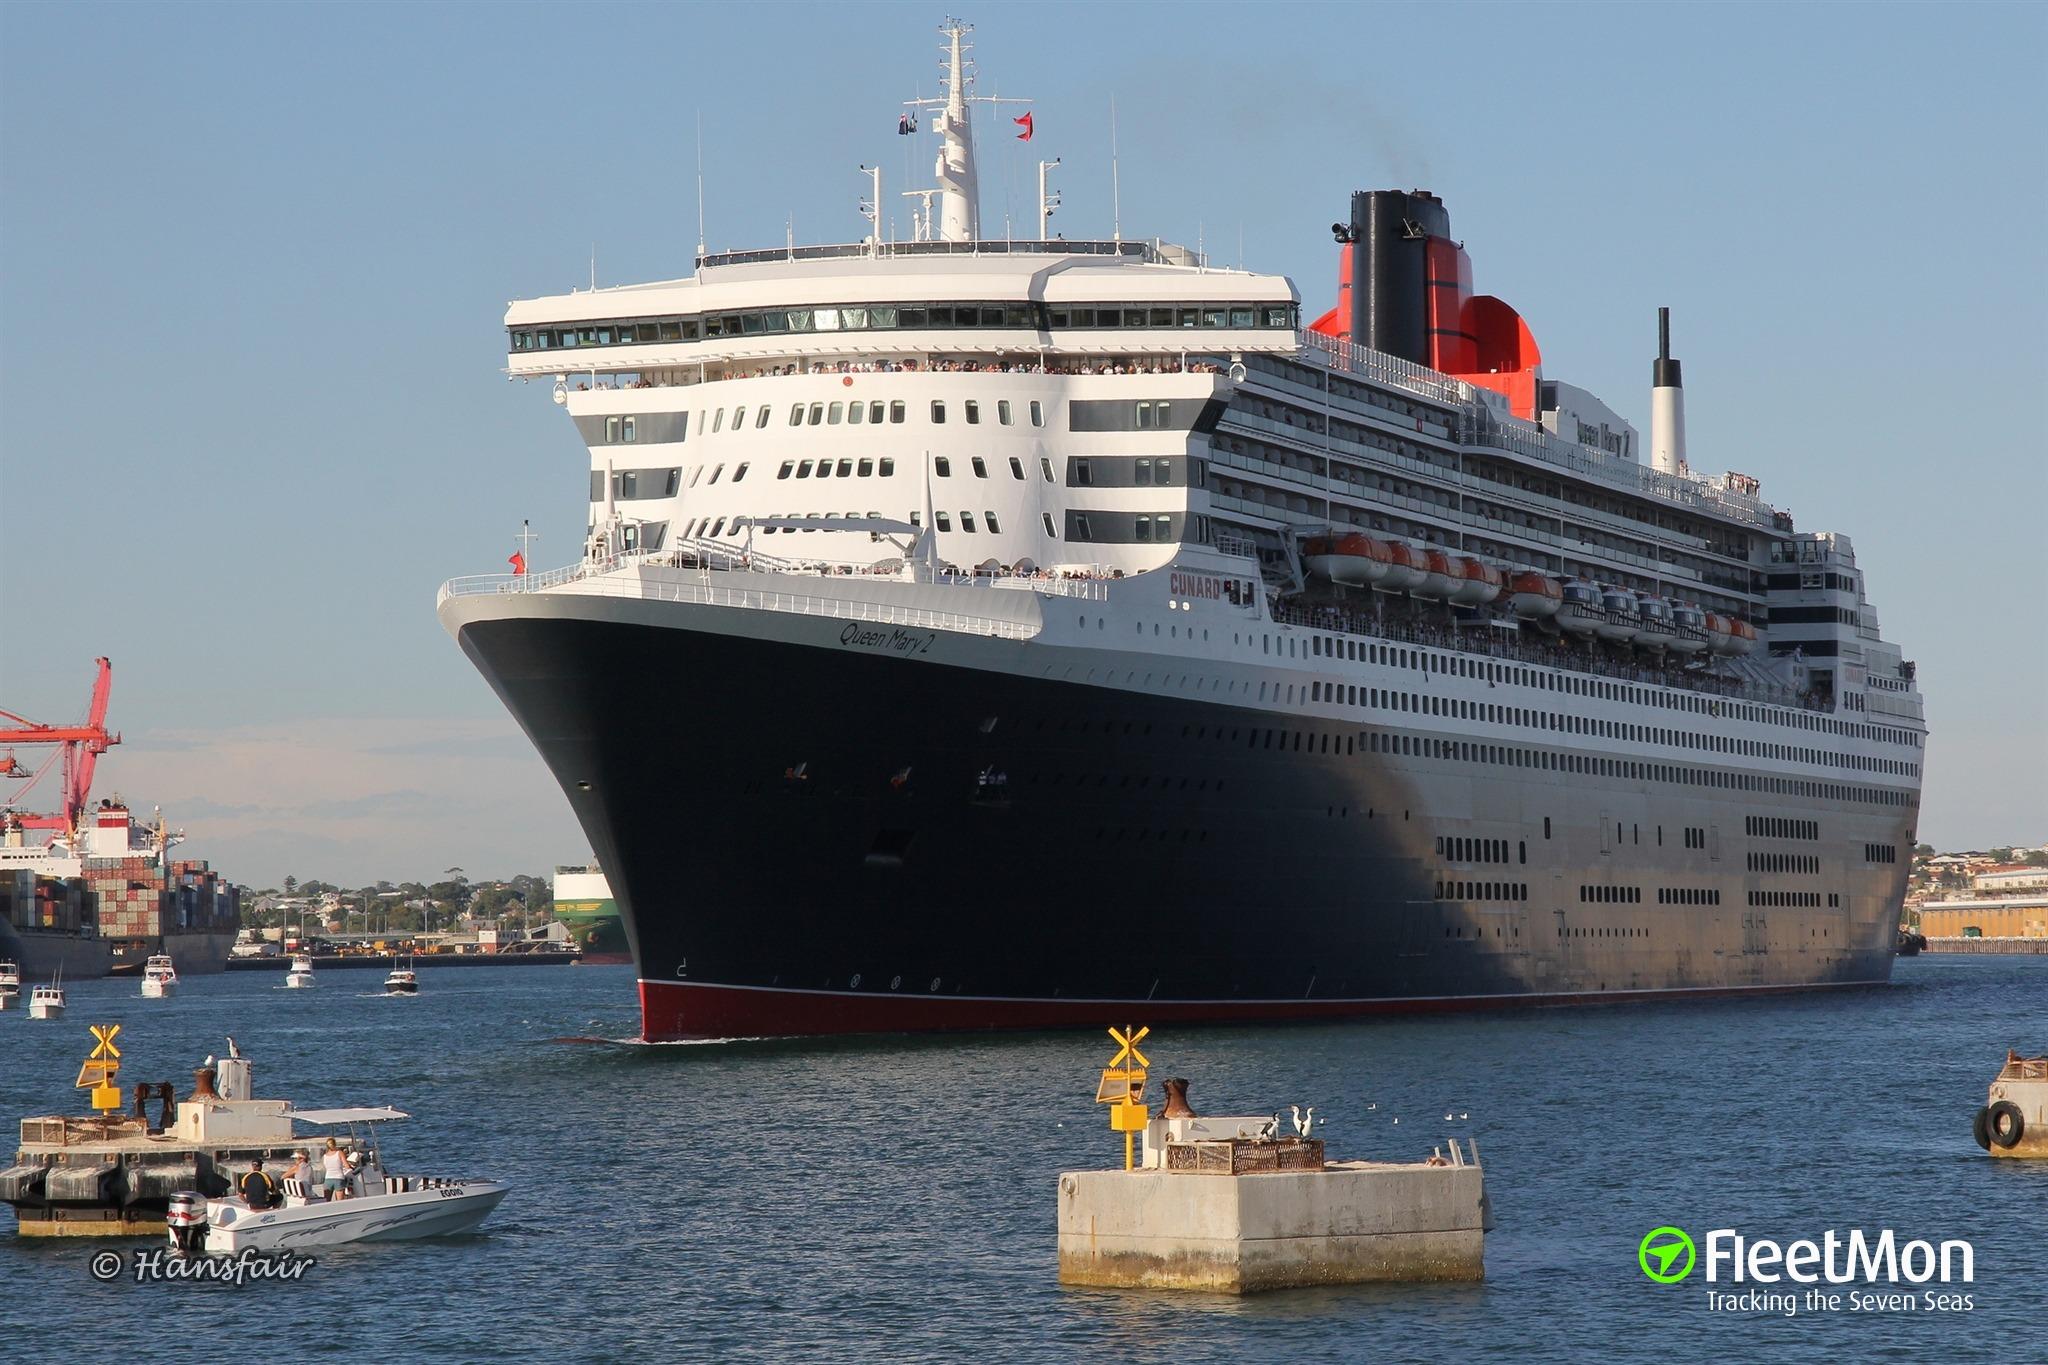 Queen mary 2 previous photo next photo